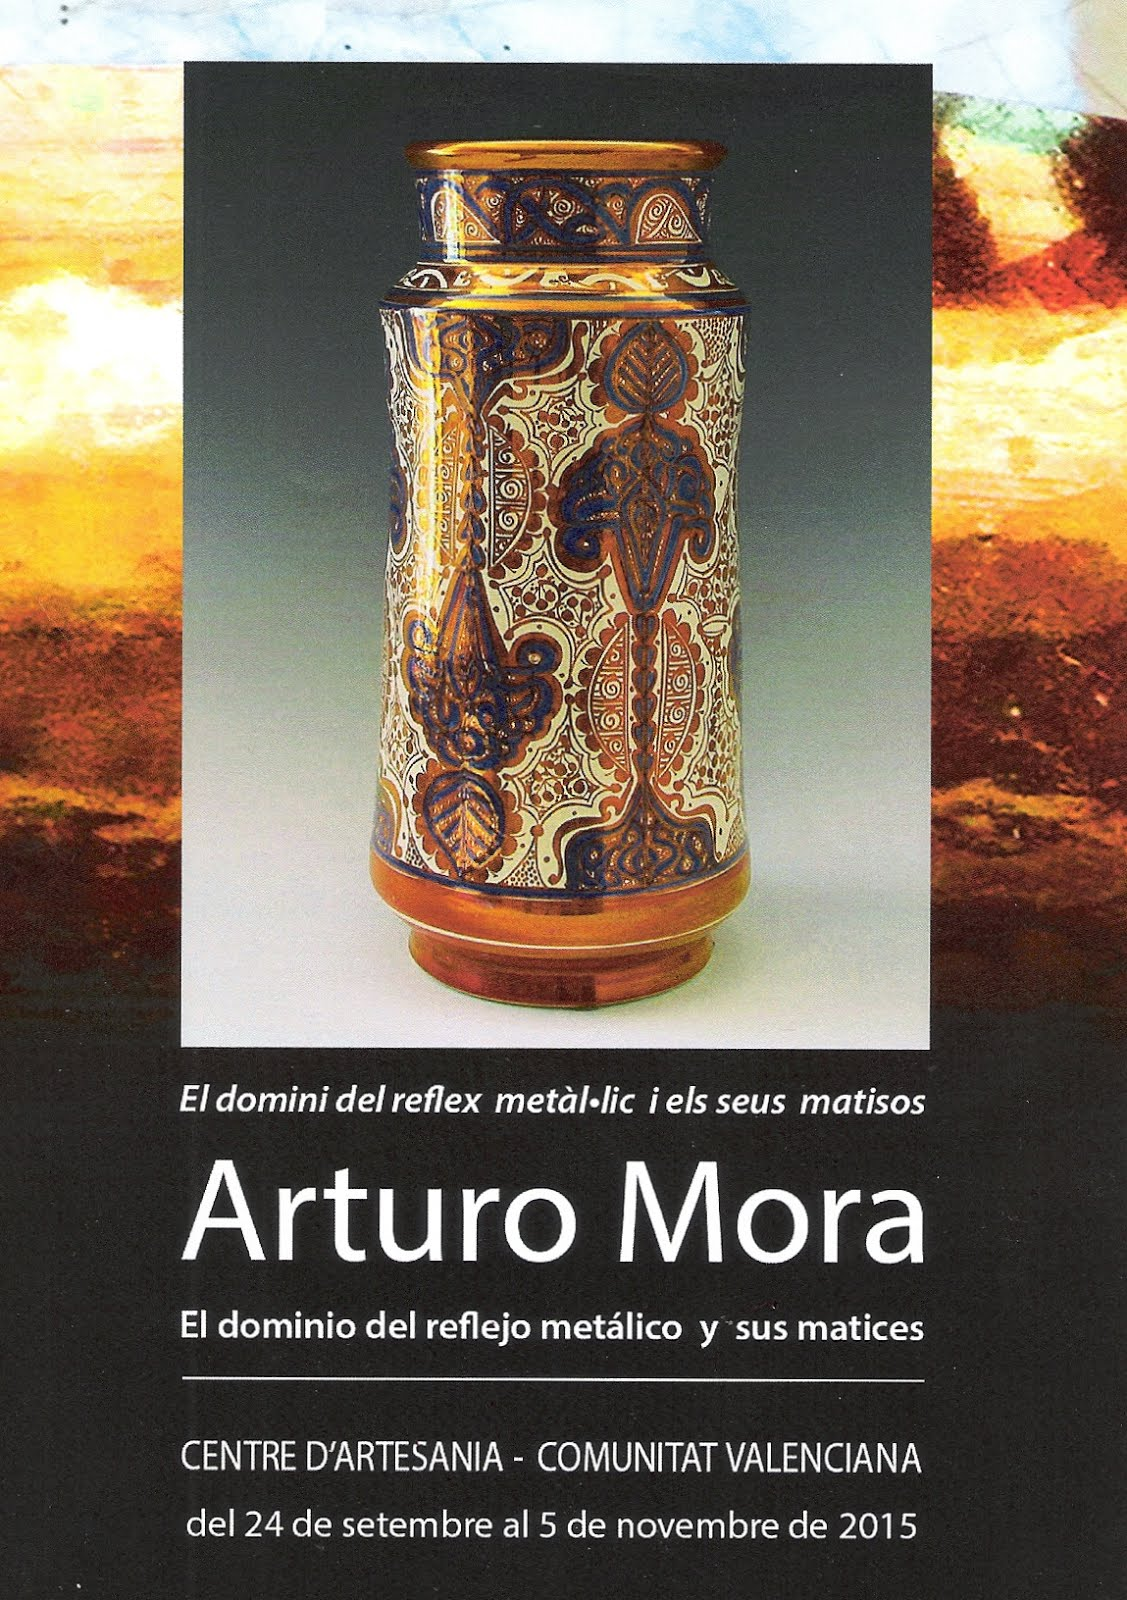 25.09.15 EXPOSICIÓN EN EL CENTRO DE ARTESANÍA, EN VALENCIA, DEL CERAMISTA ARTURO MORA BENAVENT